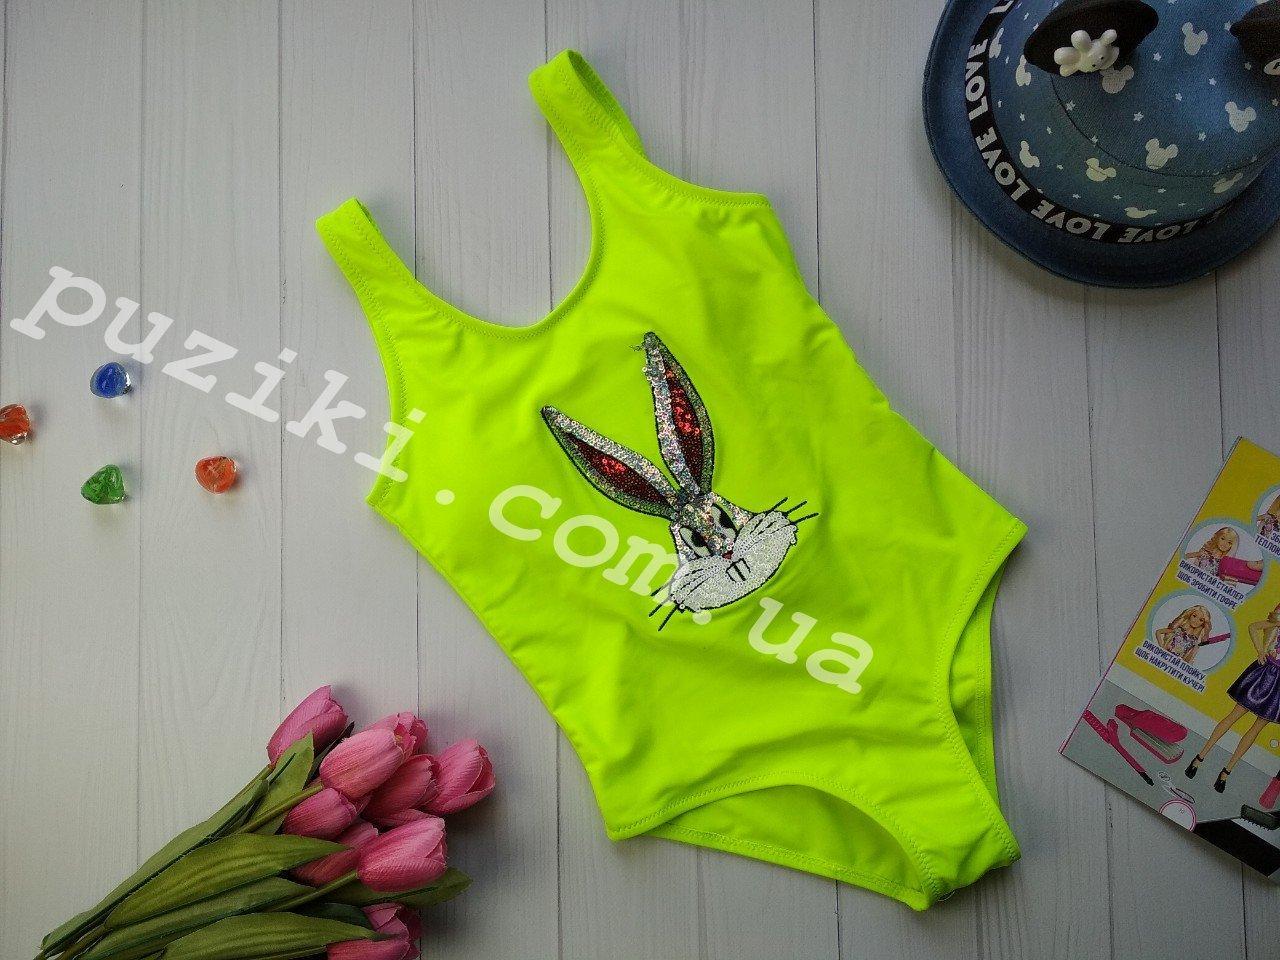 Слитный детский купальник салатовый с вышивкой пайетками Банни 34-40р